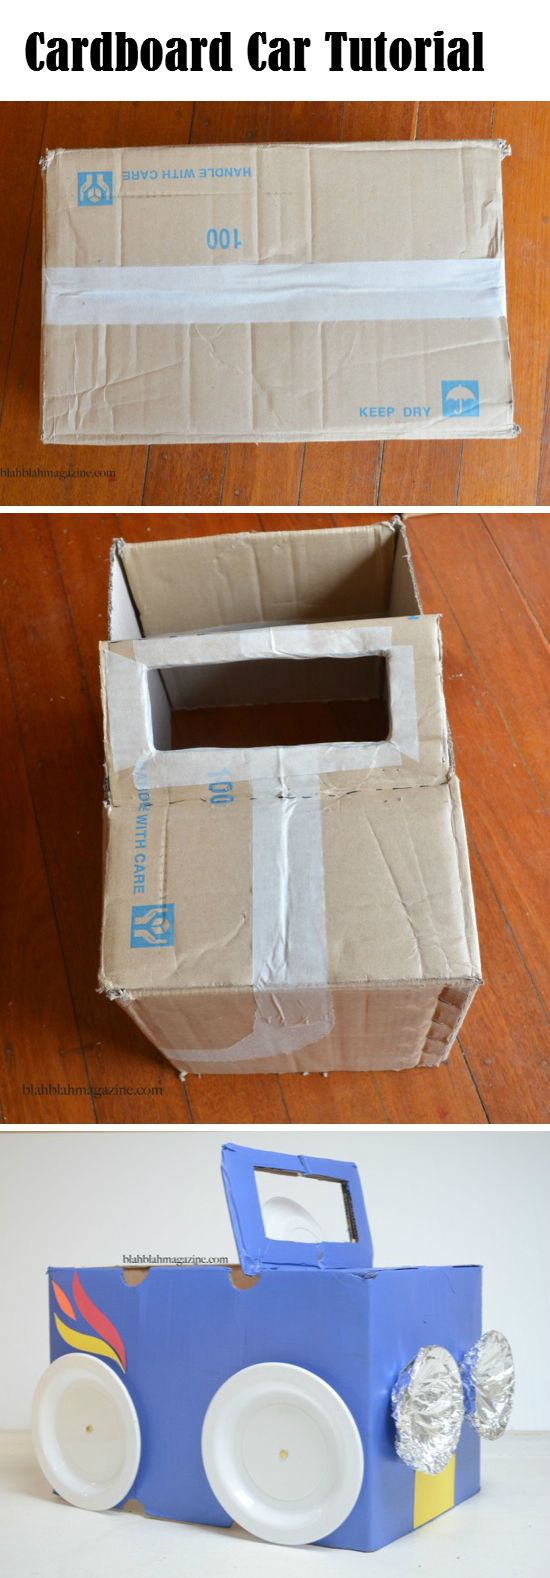 Cardboard Car Tutorial